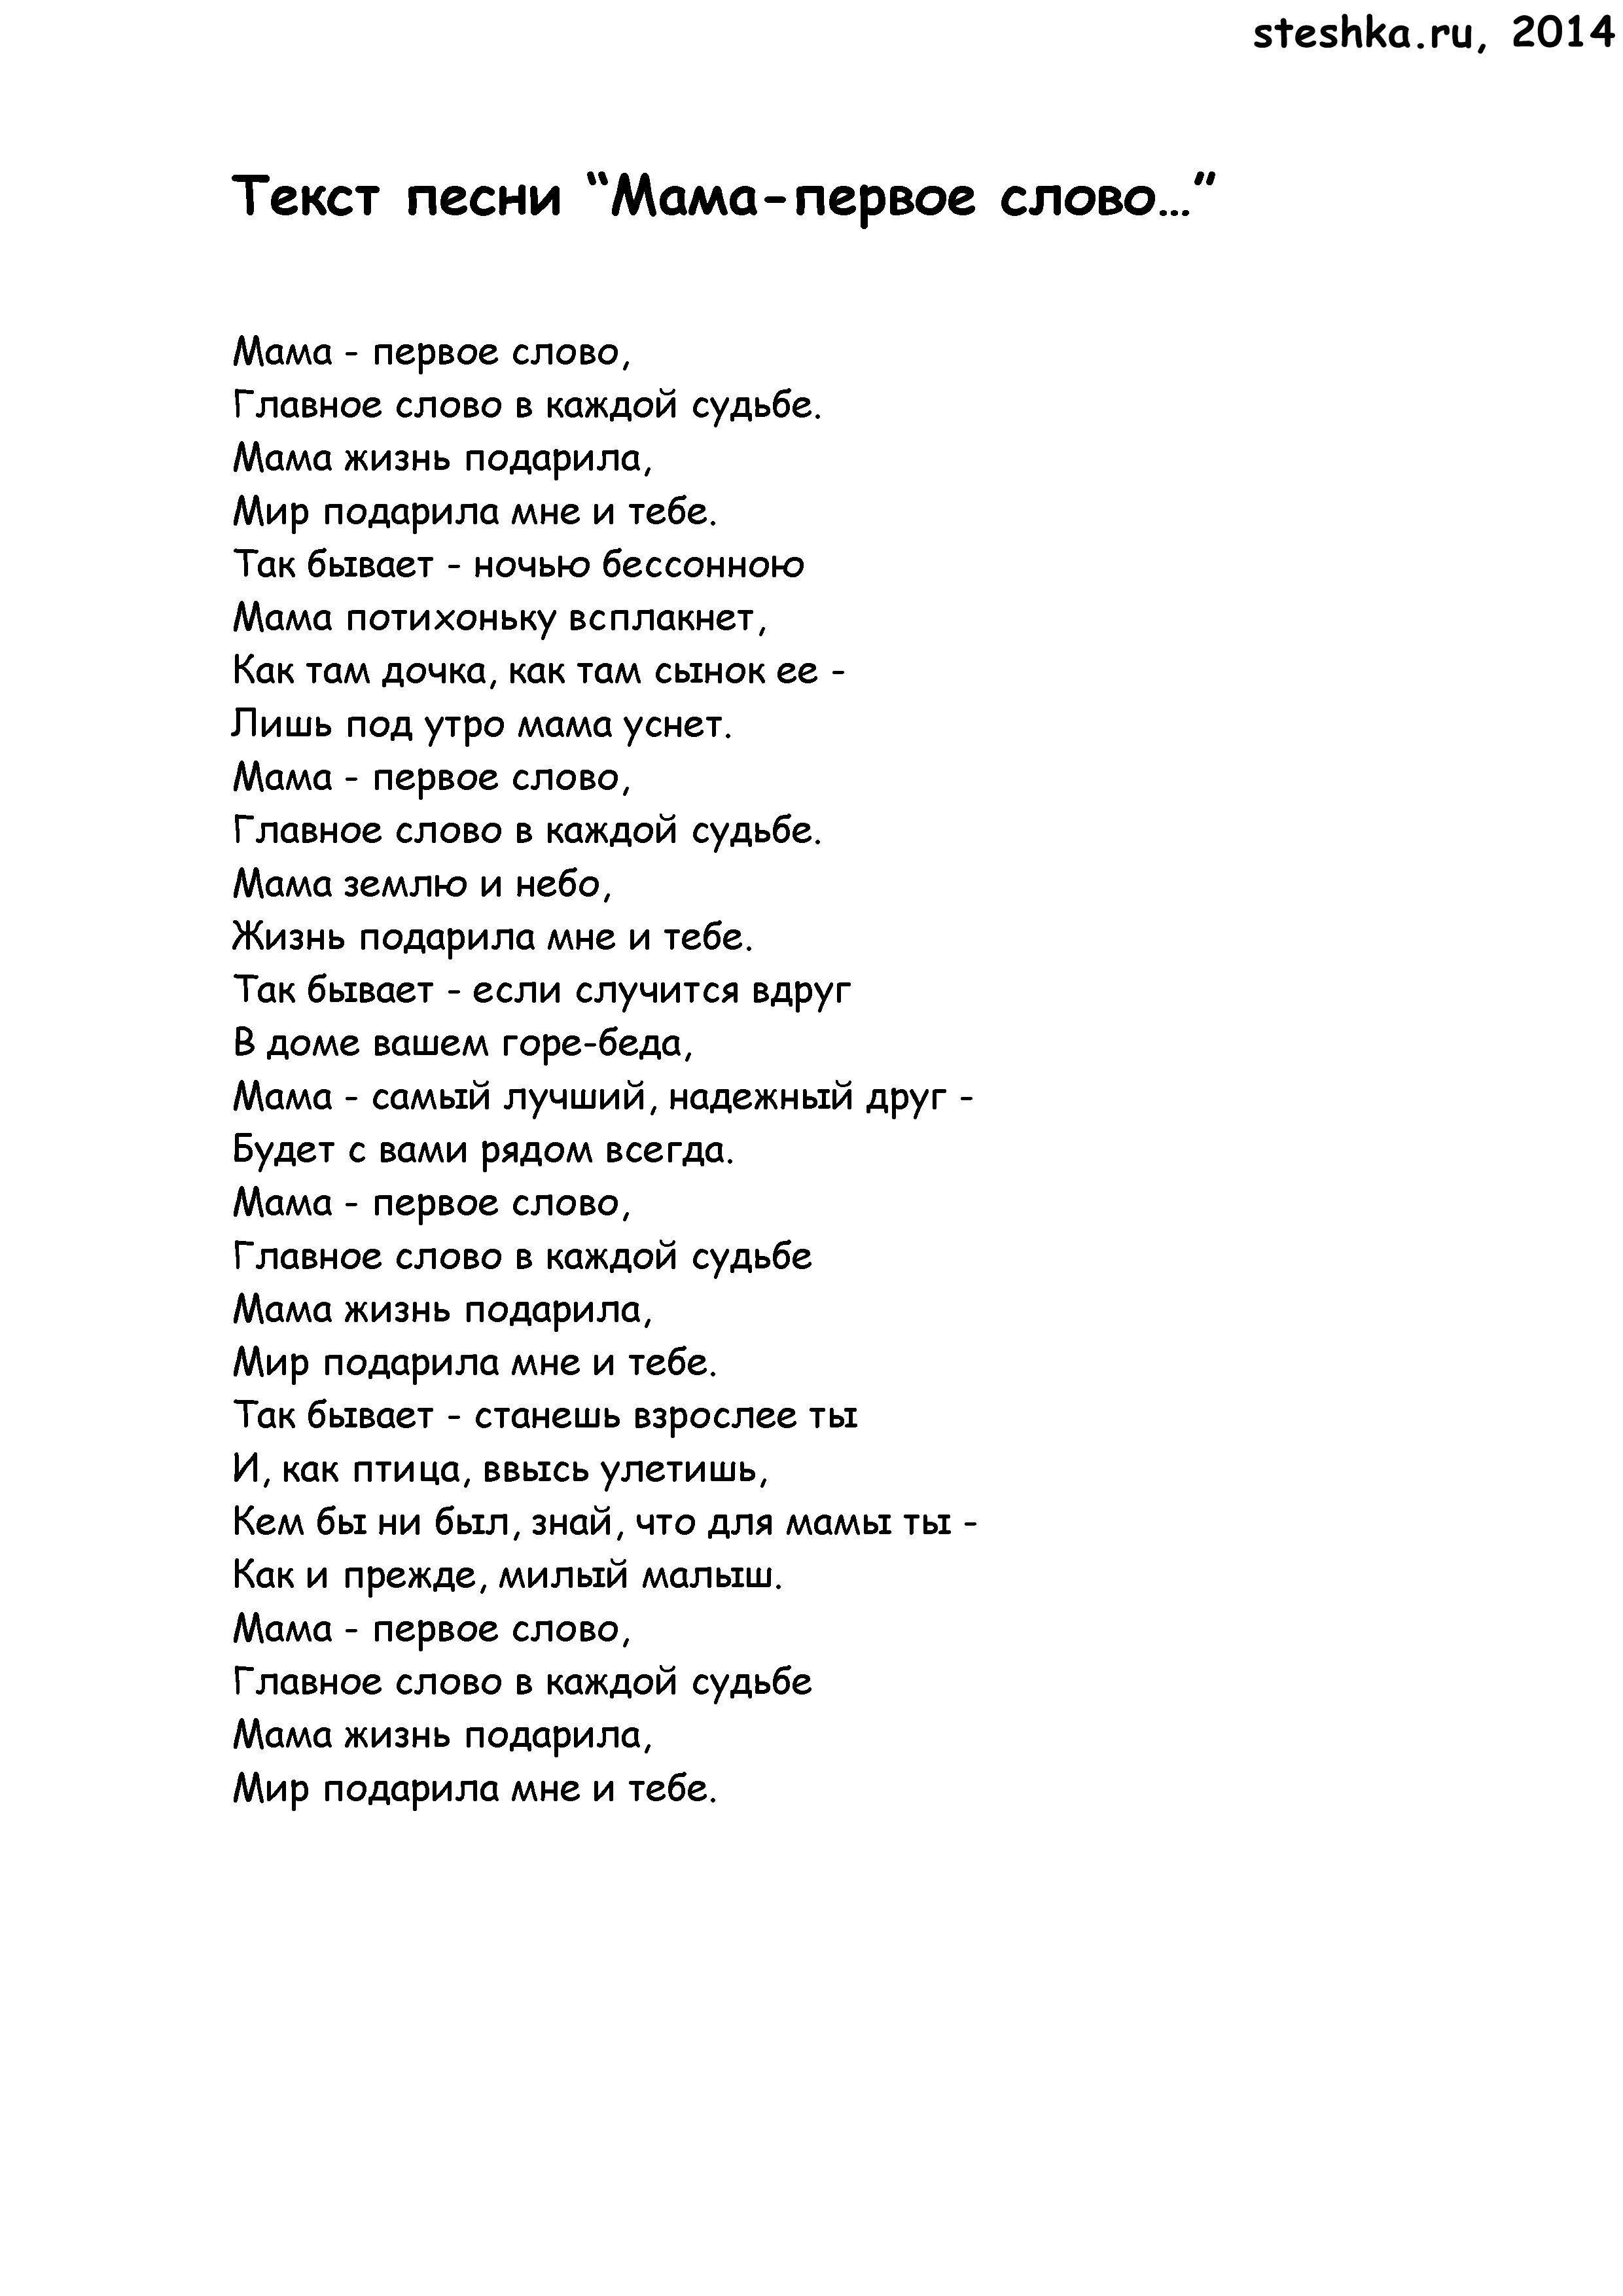 Pesni Dlya Mamy Skachat Besplatno Words Word Search Puzzle Post